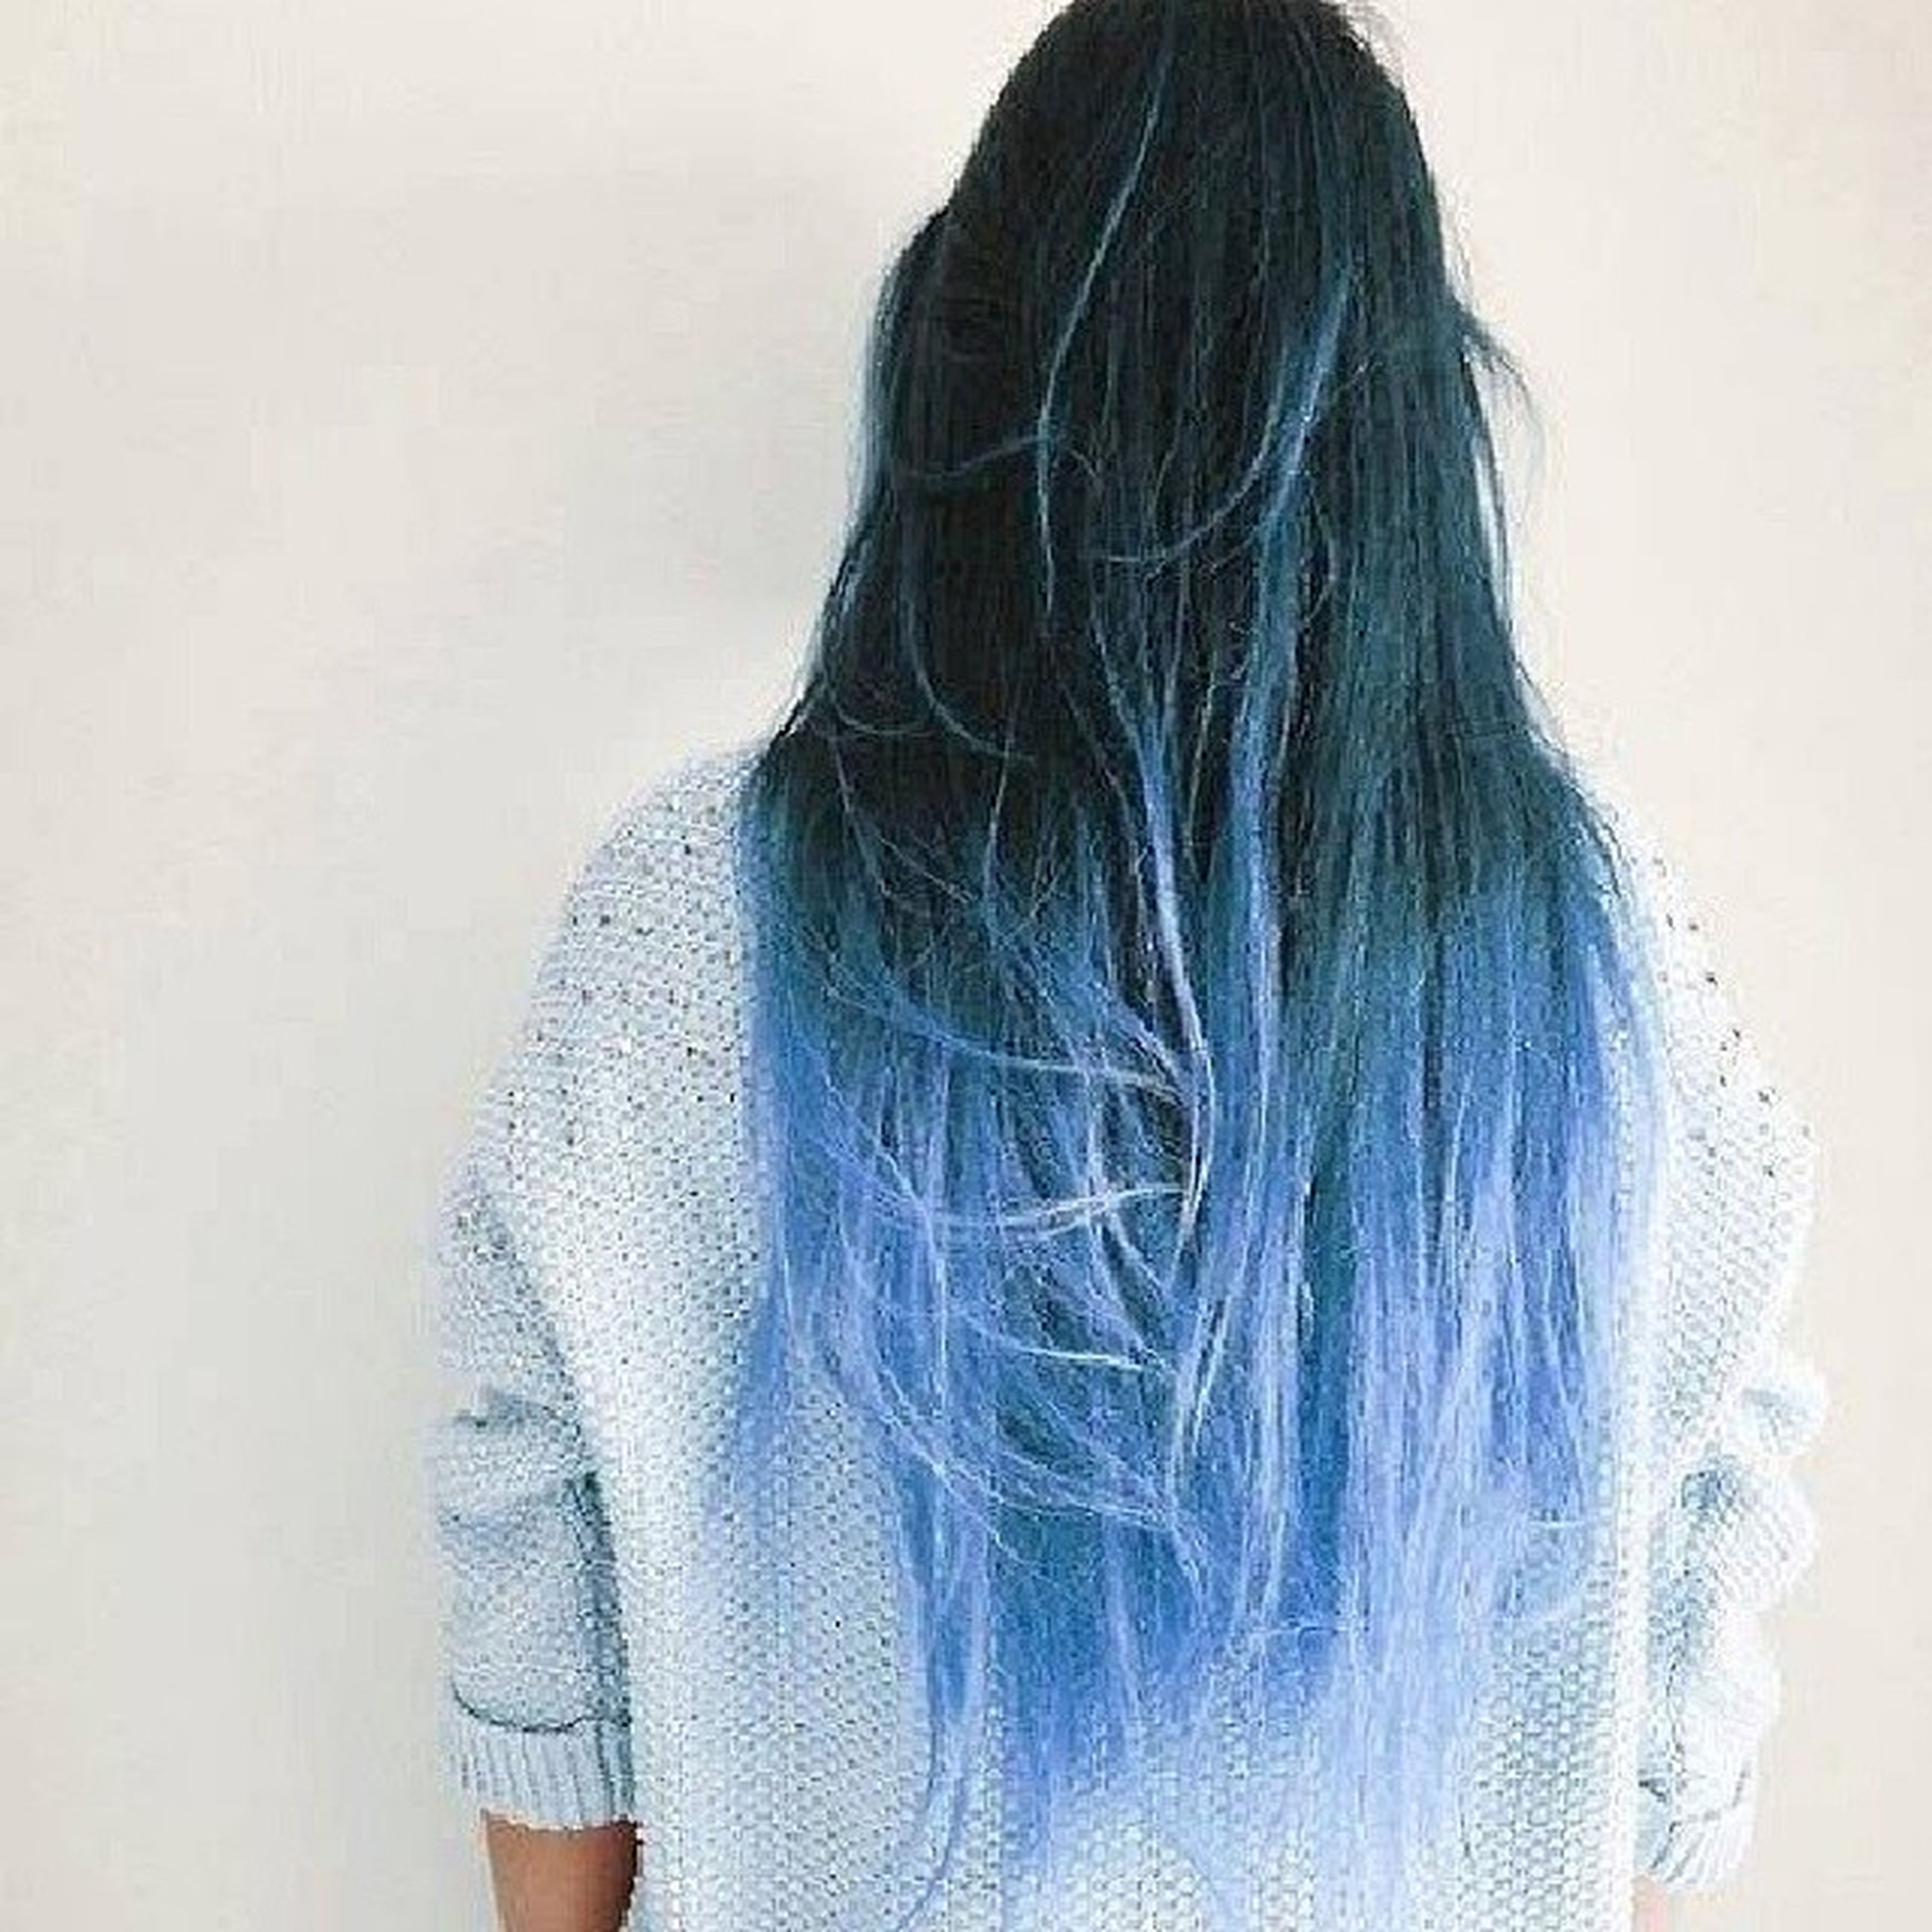 Capellifantastici Liamo Love Blu azzurocoloripreferitibhociao ♥♥